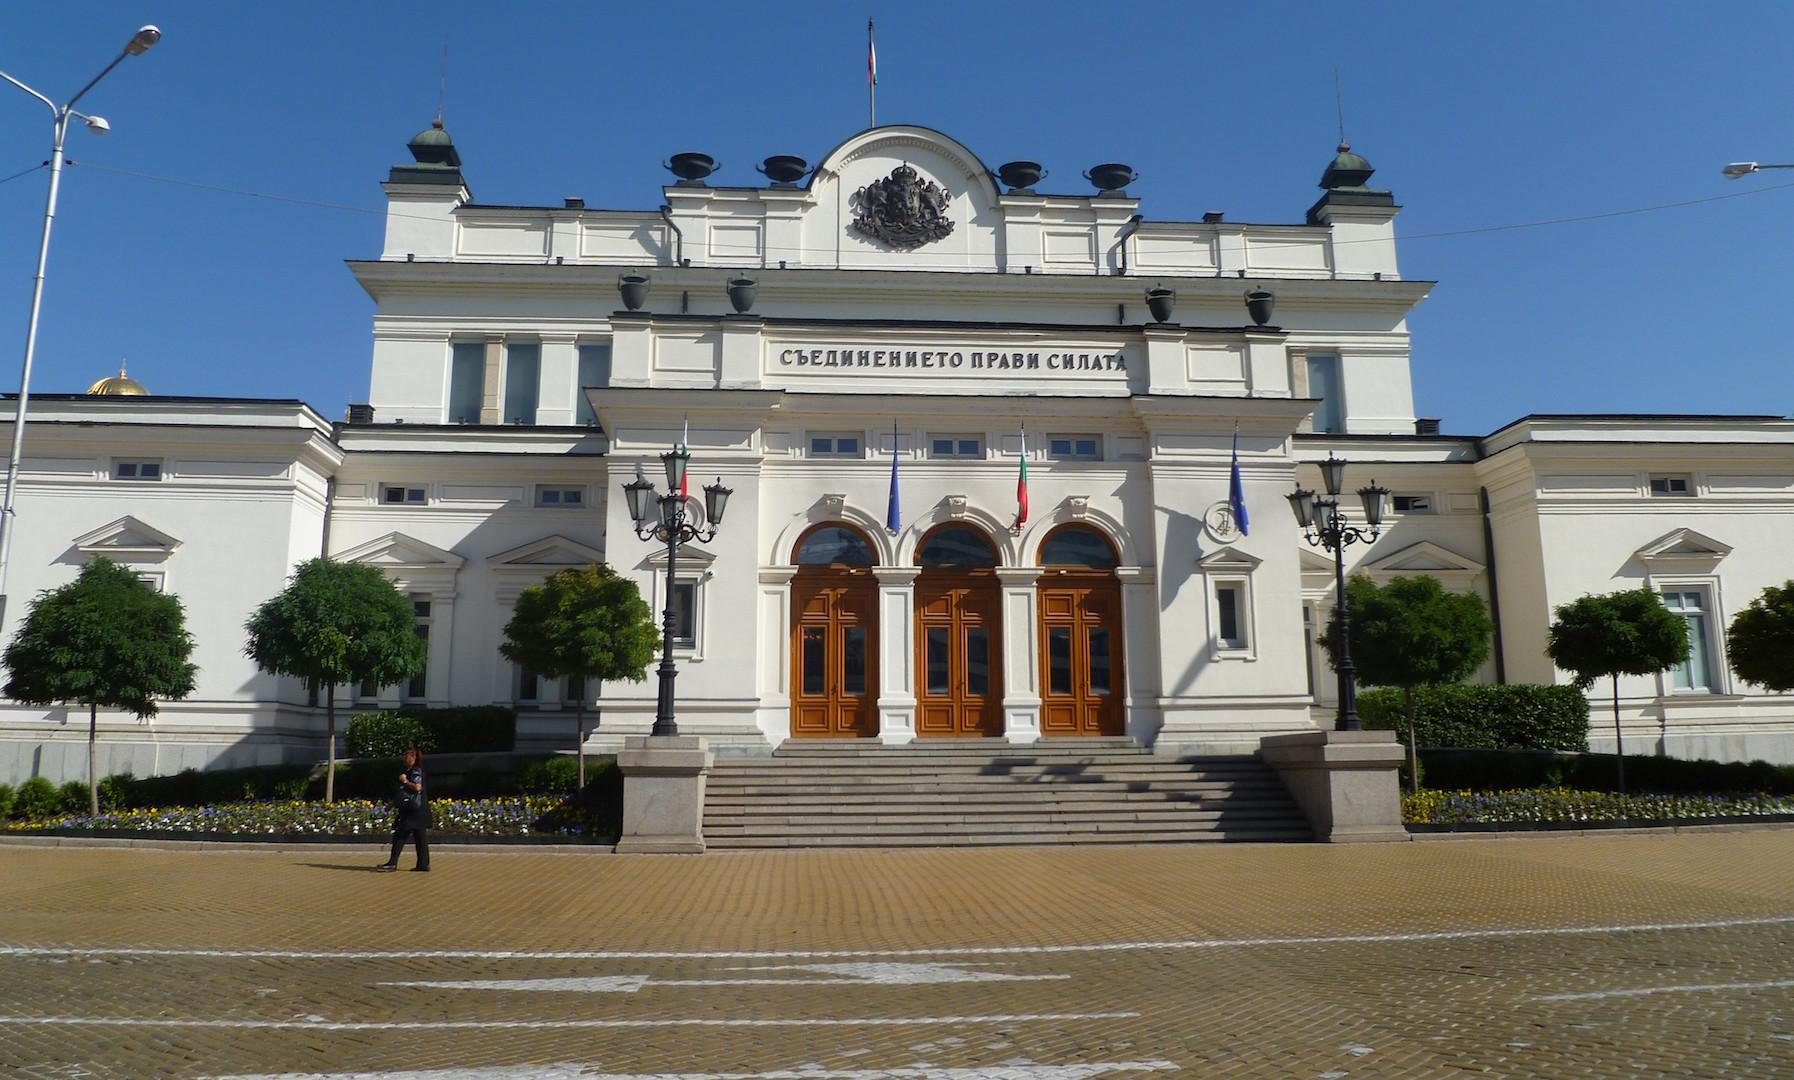 Βουλγαρία: Το Κοινοβούλιο συνεδριάζει για το βέτο του Προέδρου στο νόμο έκτακτης ανάγκης